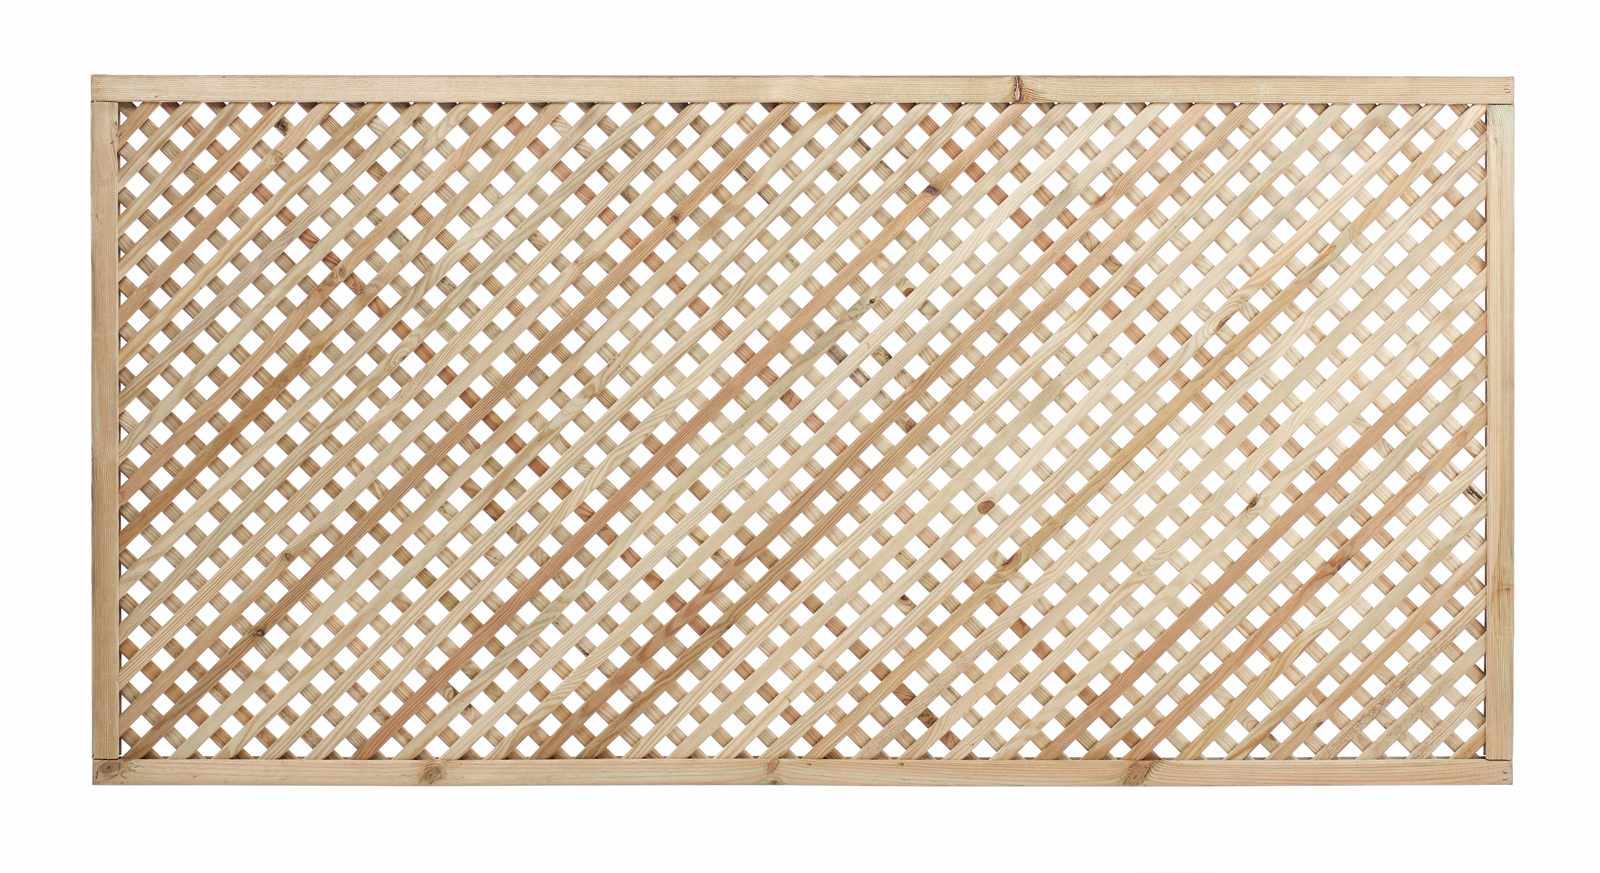 Diagonal trellis panel privacy panels paint options for Privacy trellis